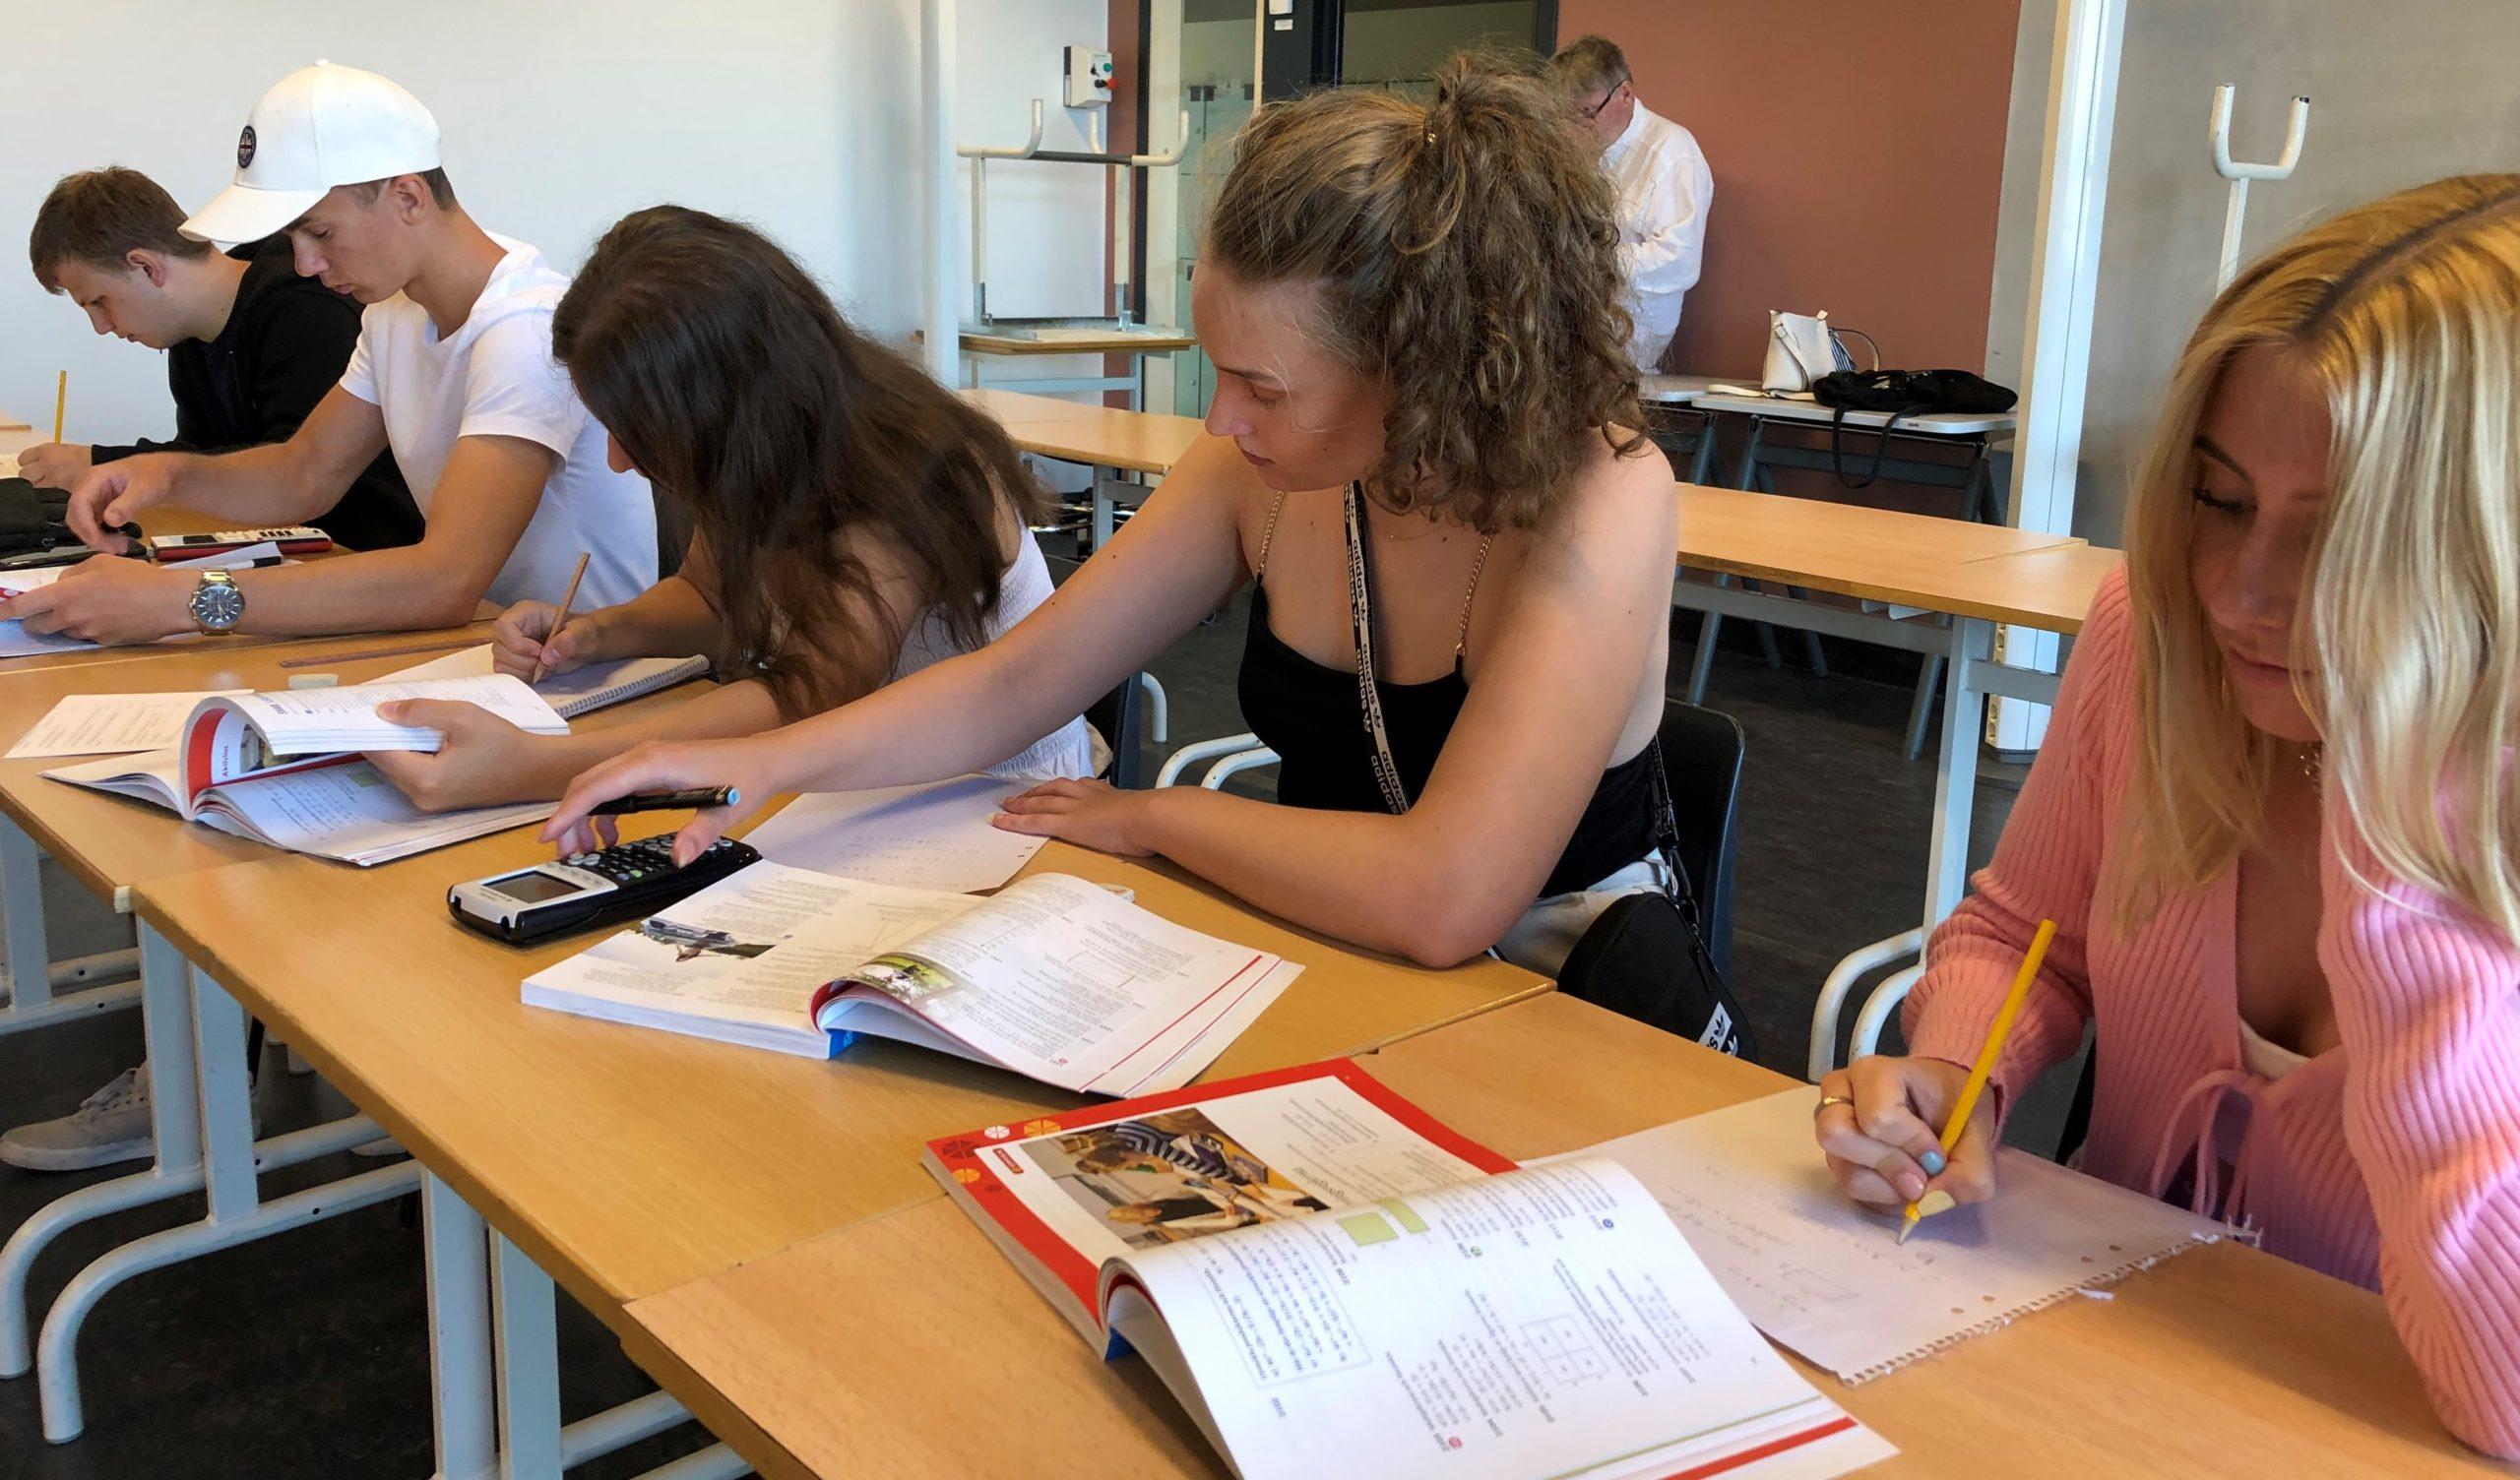 Fem av skolans elever sitter och gör skolarbete i ett klassrum.